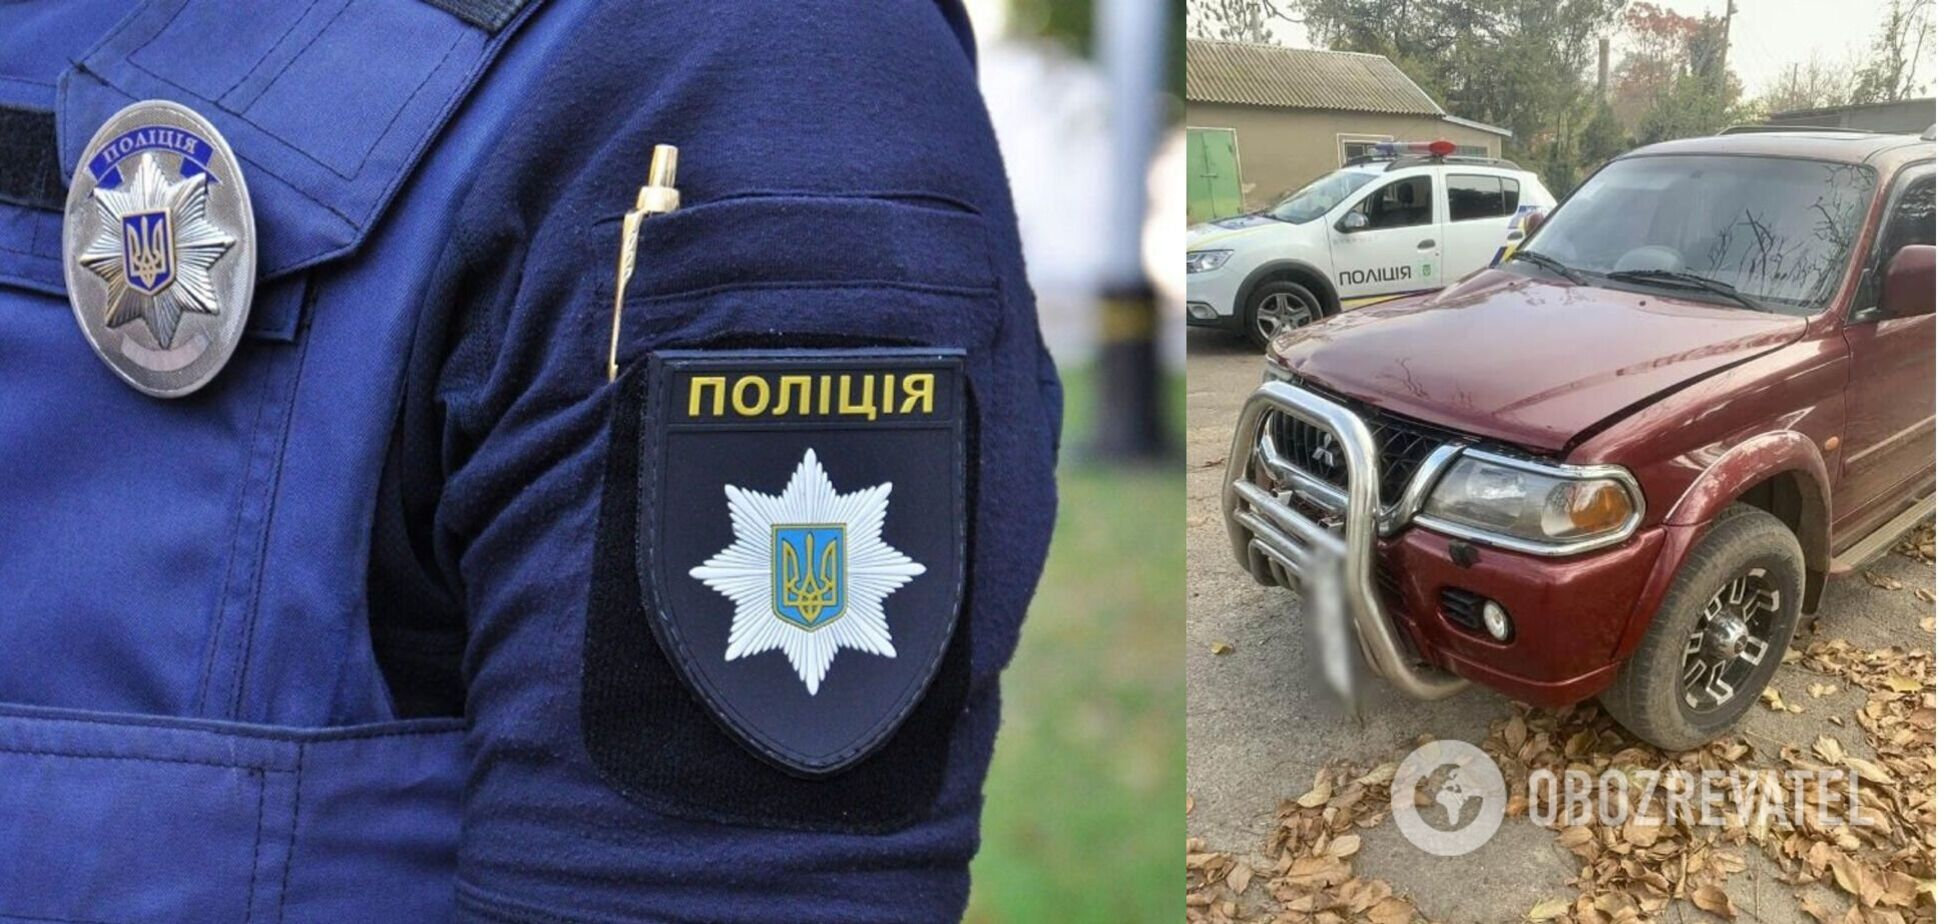 На Одесщине пьяный водитель насмерть сбил мать троих детей: он оценил ее жизнь в тысячу гривен